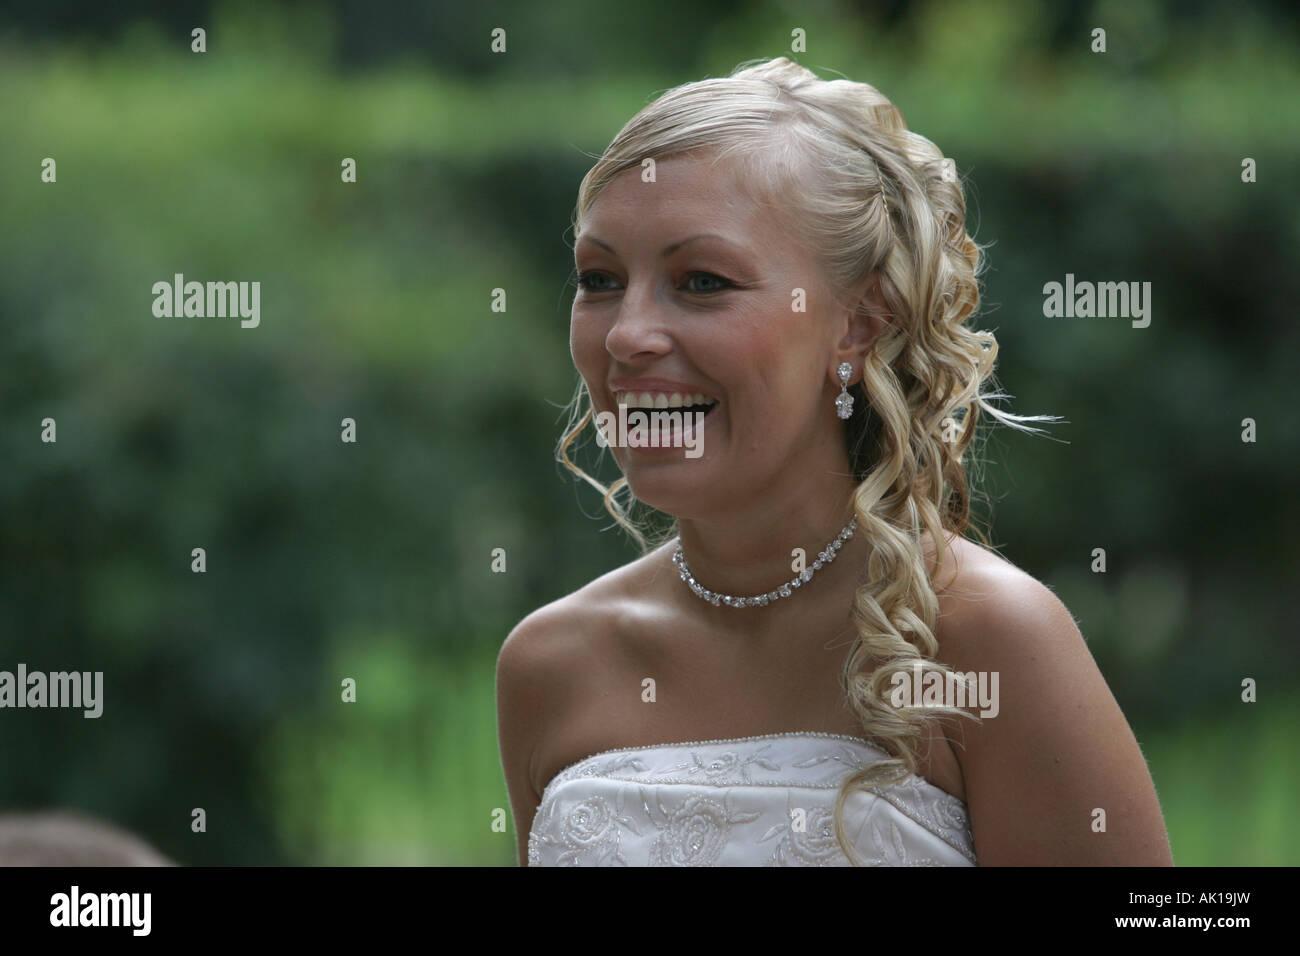 Bride portrait - Stock Image